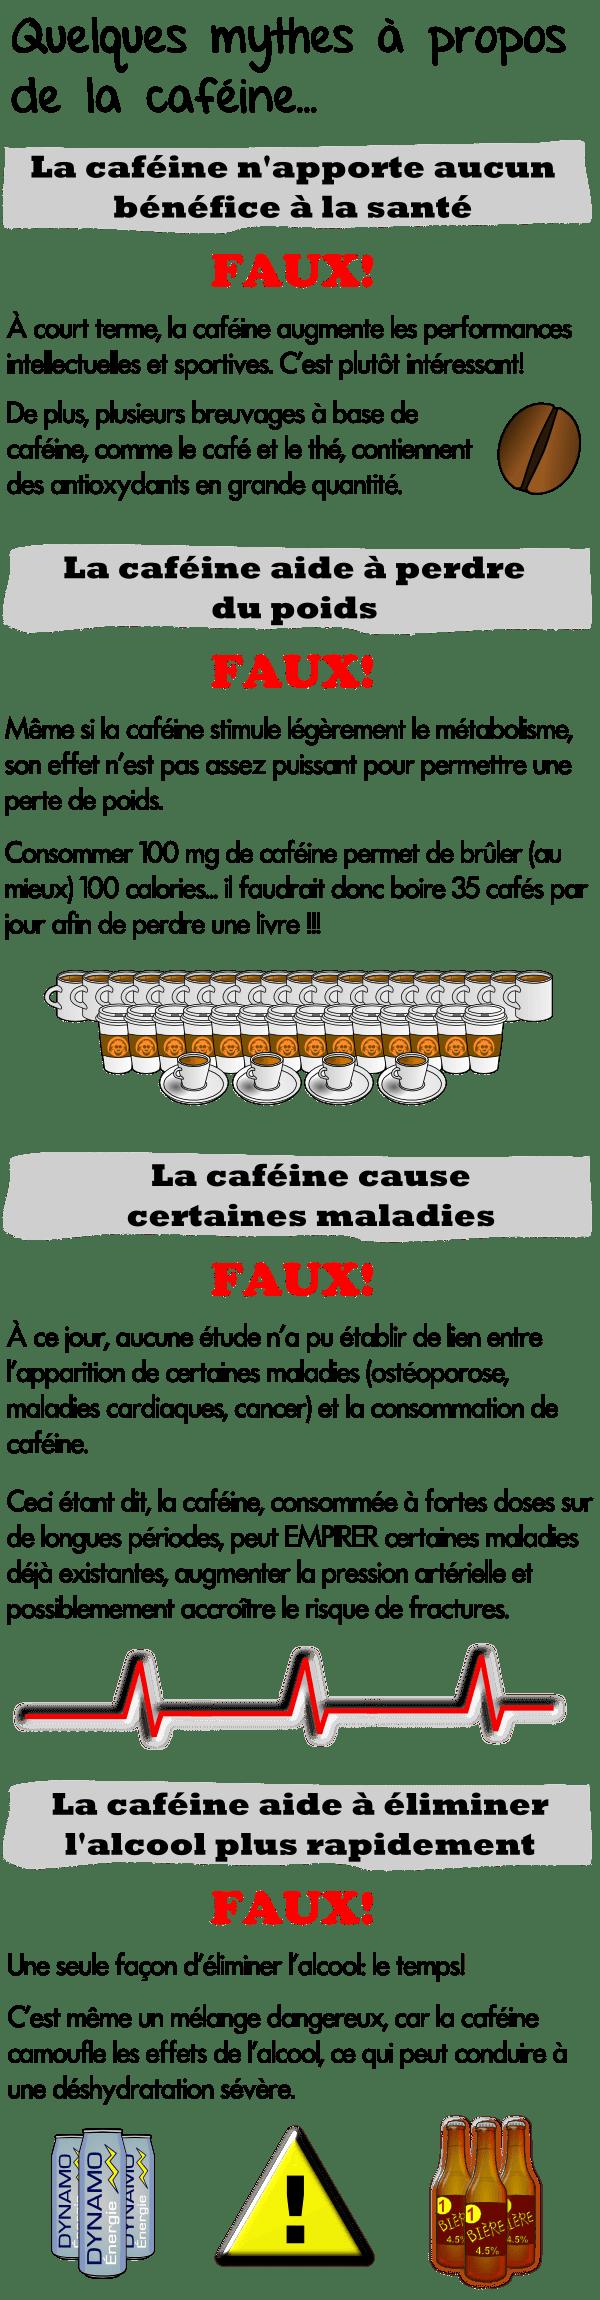 Mythes sur la caféine